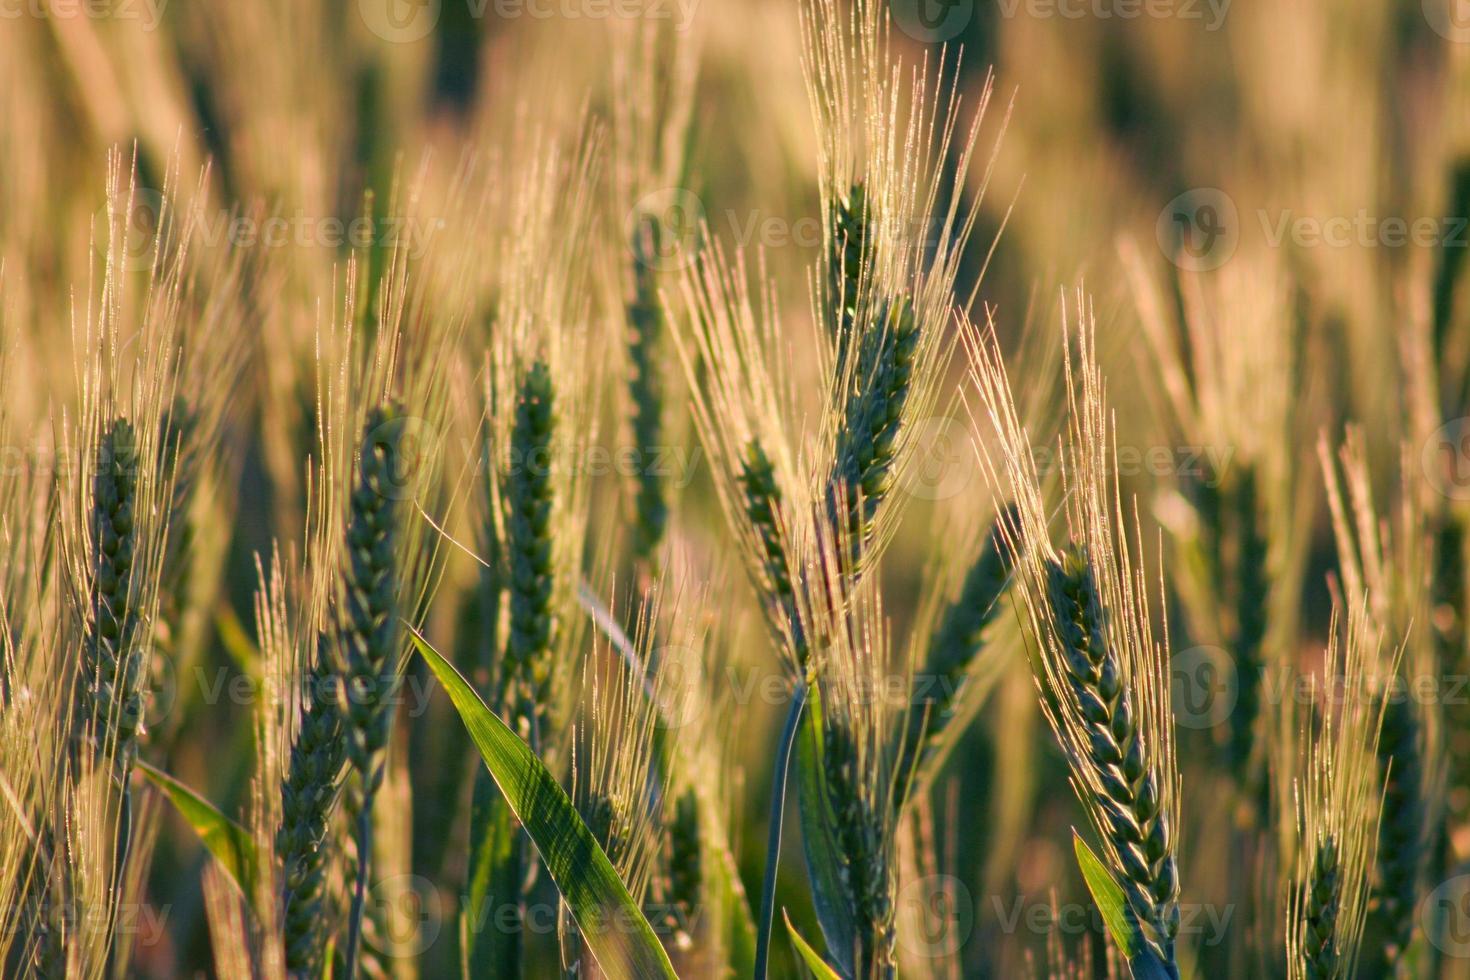 céréales rétro-éclairées photo